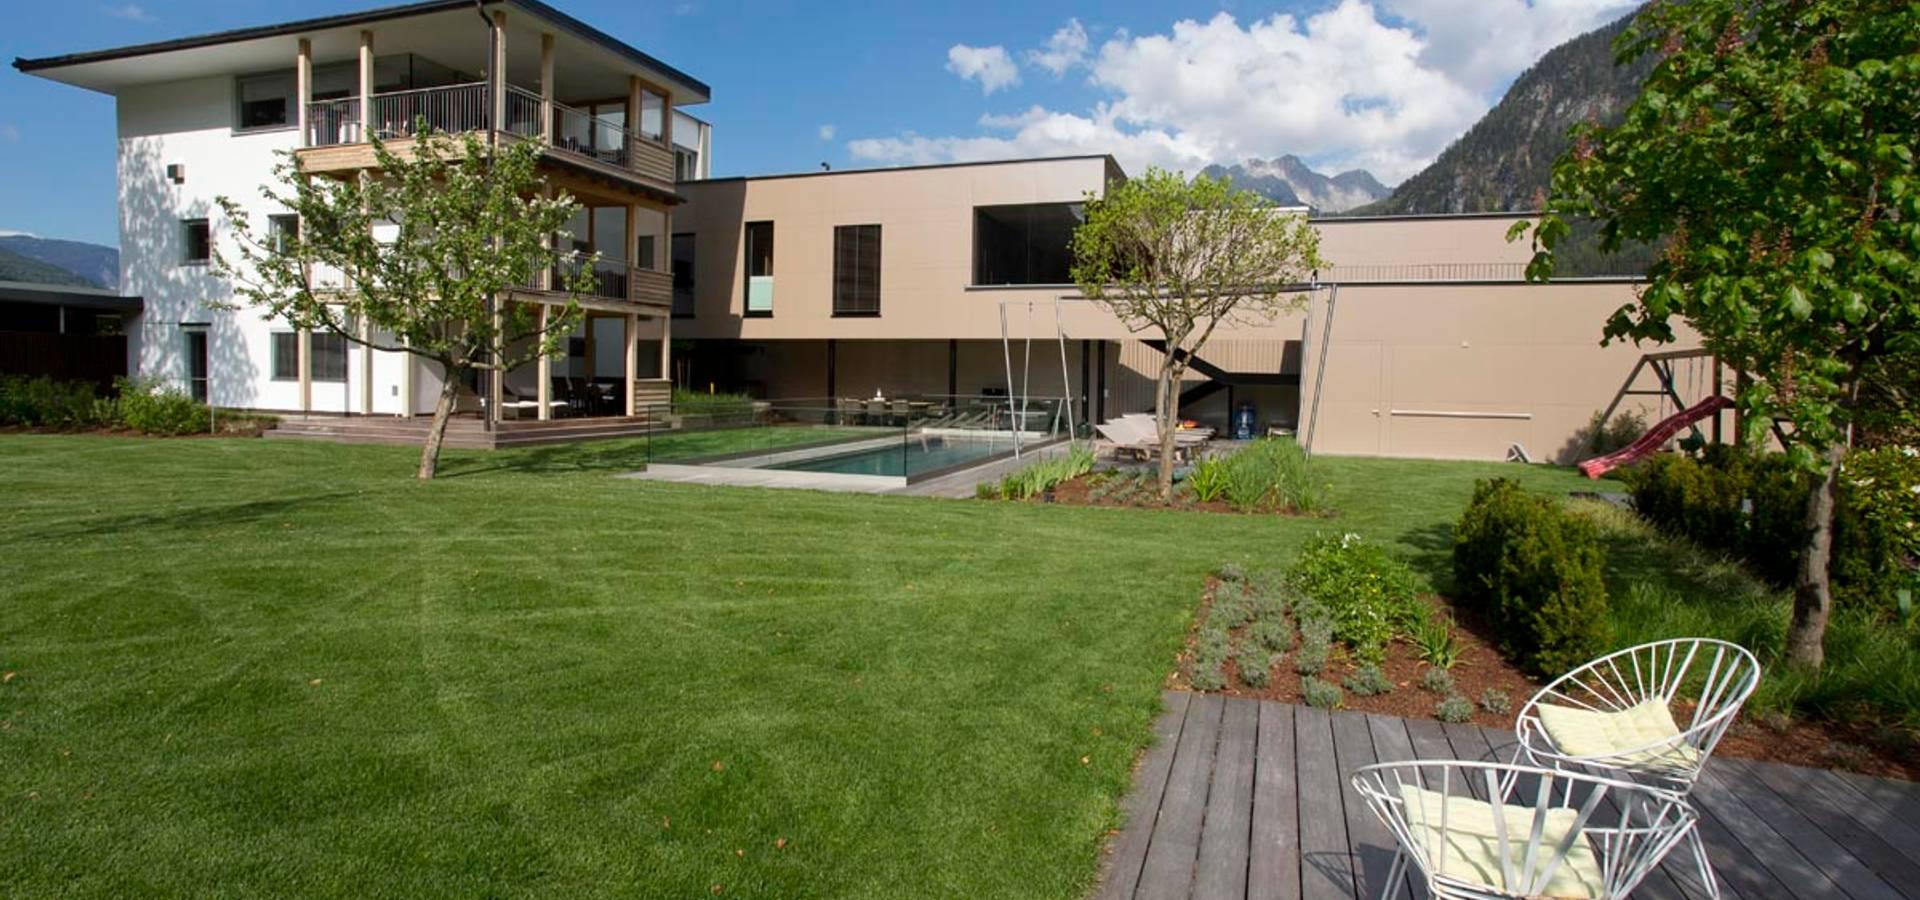 Gartenarchitektur  freiraum* Gartenarchitektur GmbH: Hofgarten mit Naturpool | homify